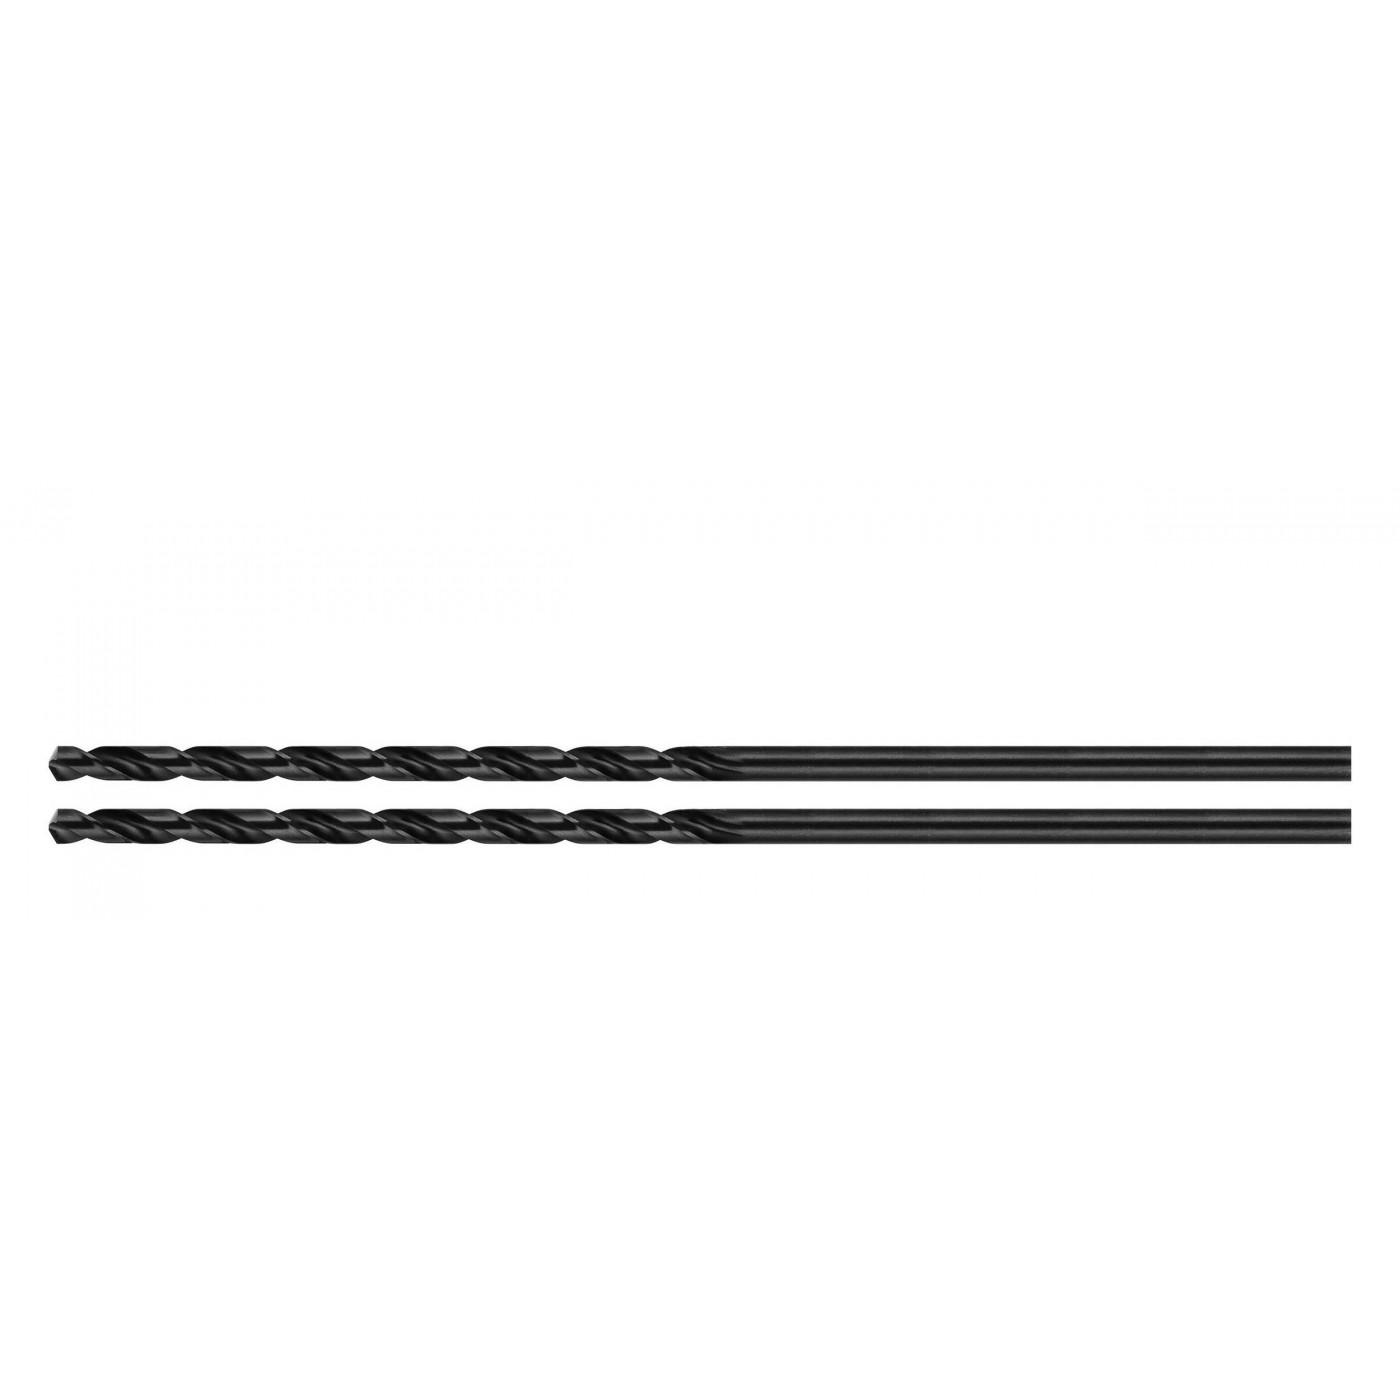 Set of 2 metal drill bits (HSS, 12.0x200 mm)